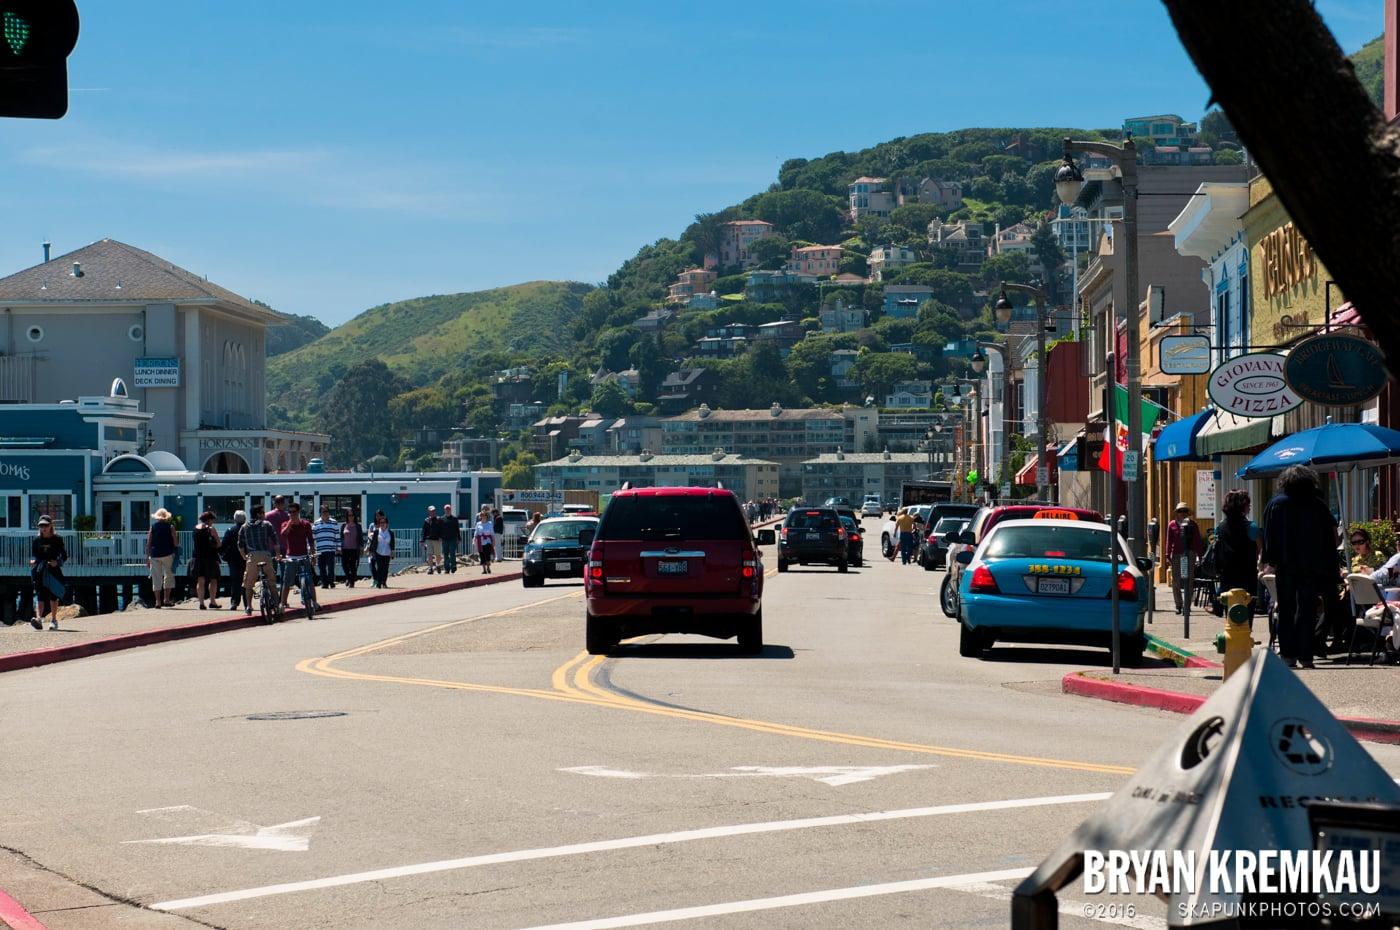 San Francisco Vacation - Day 3 - 4.30.12 (64)